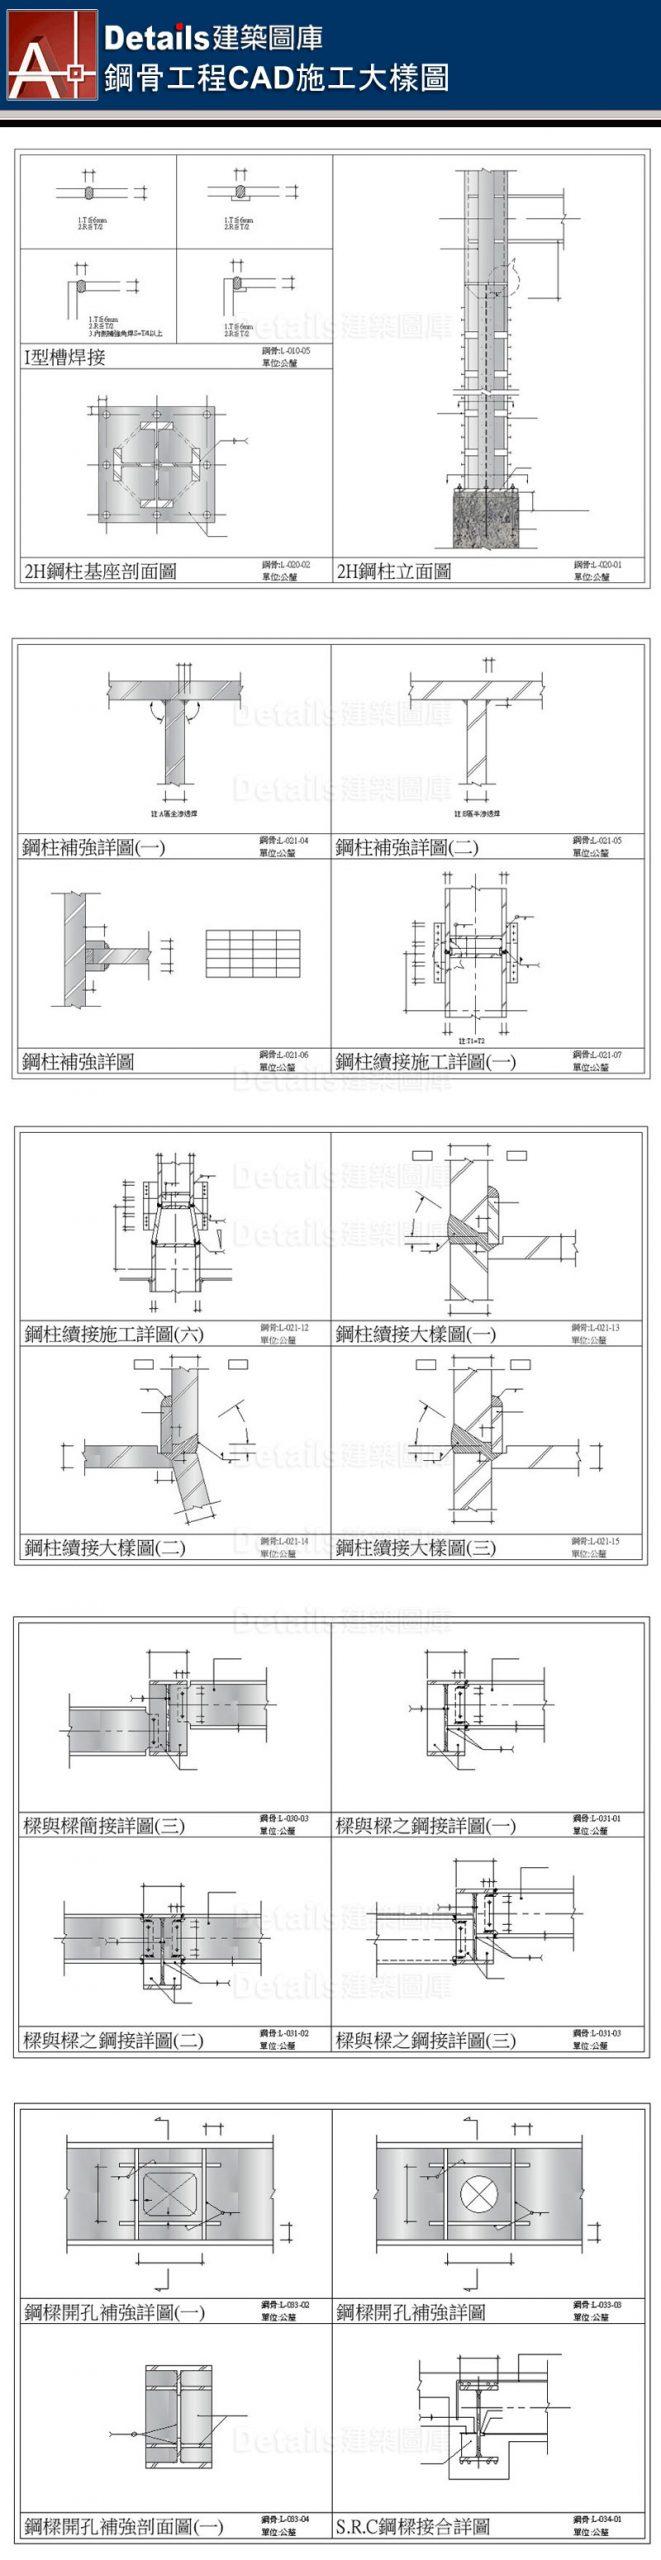 焊接詳圖、2H鋼柱詳圖、鋼柱剖面詳圖、鋼柱接合詳圖、鋼柱續接施工詳圖、樑與樑簡接詳圖、雙排螺栓配置詳圖、鋼樑開口立面圖、I形槽焊接、鋼柱基座剖面圖、鋼柱立面圖、鋼柱補強詳圖、樑與樑鋼接詳圖、鋼樑開口補強詳圖、鋼柱樑接合剖面詳圖、SRC樑柱剖面圖、SRC樑剖面圖、SRC電焊接合圖、樓板角隅補強詳圖、樓板開孔剖面圖、樓板短向剖面圖、樓板長向剖面圖、樓板與樑收邊詳圖、金屬版配筋圖、樓版與帷幕牆收邊詳圖、屋頂樓版收邊詳圖、鋼骨樓梯大樣圖、樓板大開口詳圖、樓版與剪力釘剖面圖、RC牆與鋼樑接合詳圖